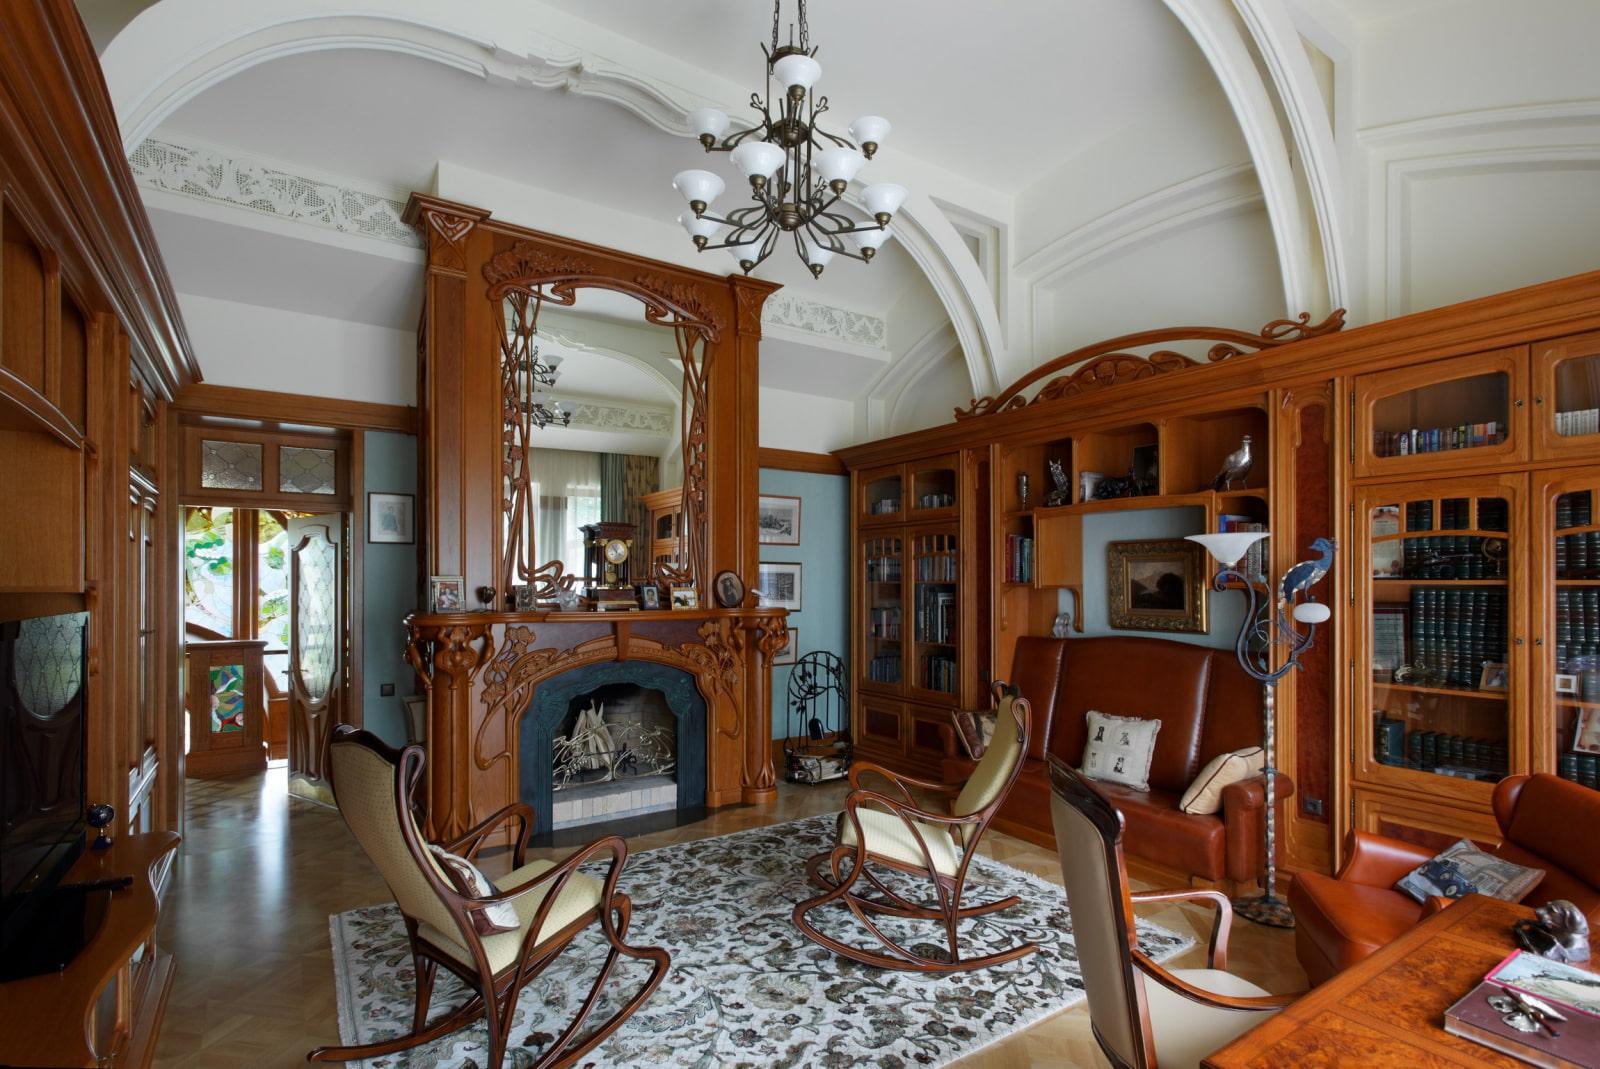 интерьер в стиле модерн с деревянной мебелью